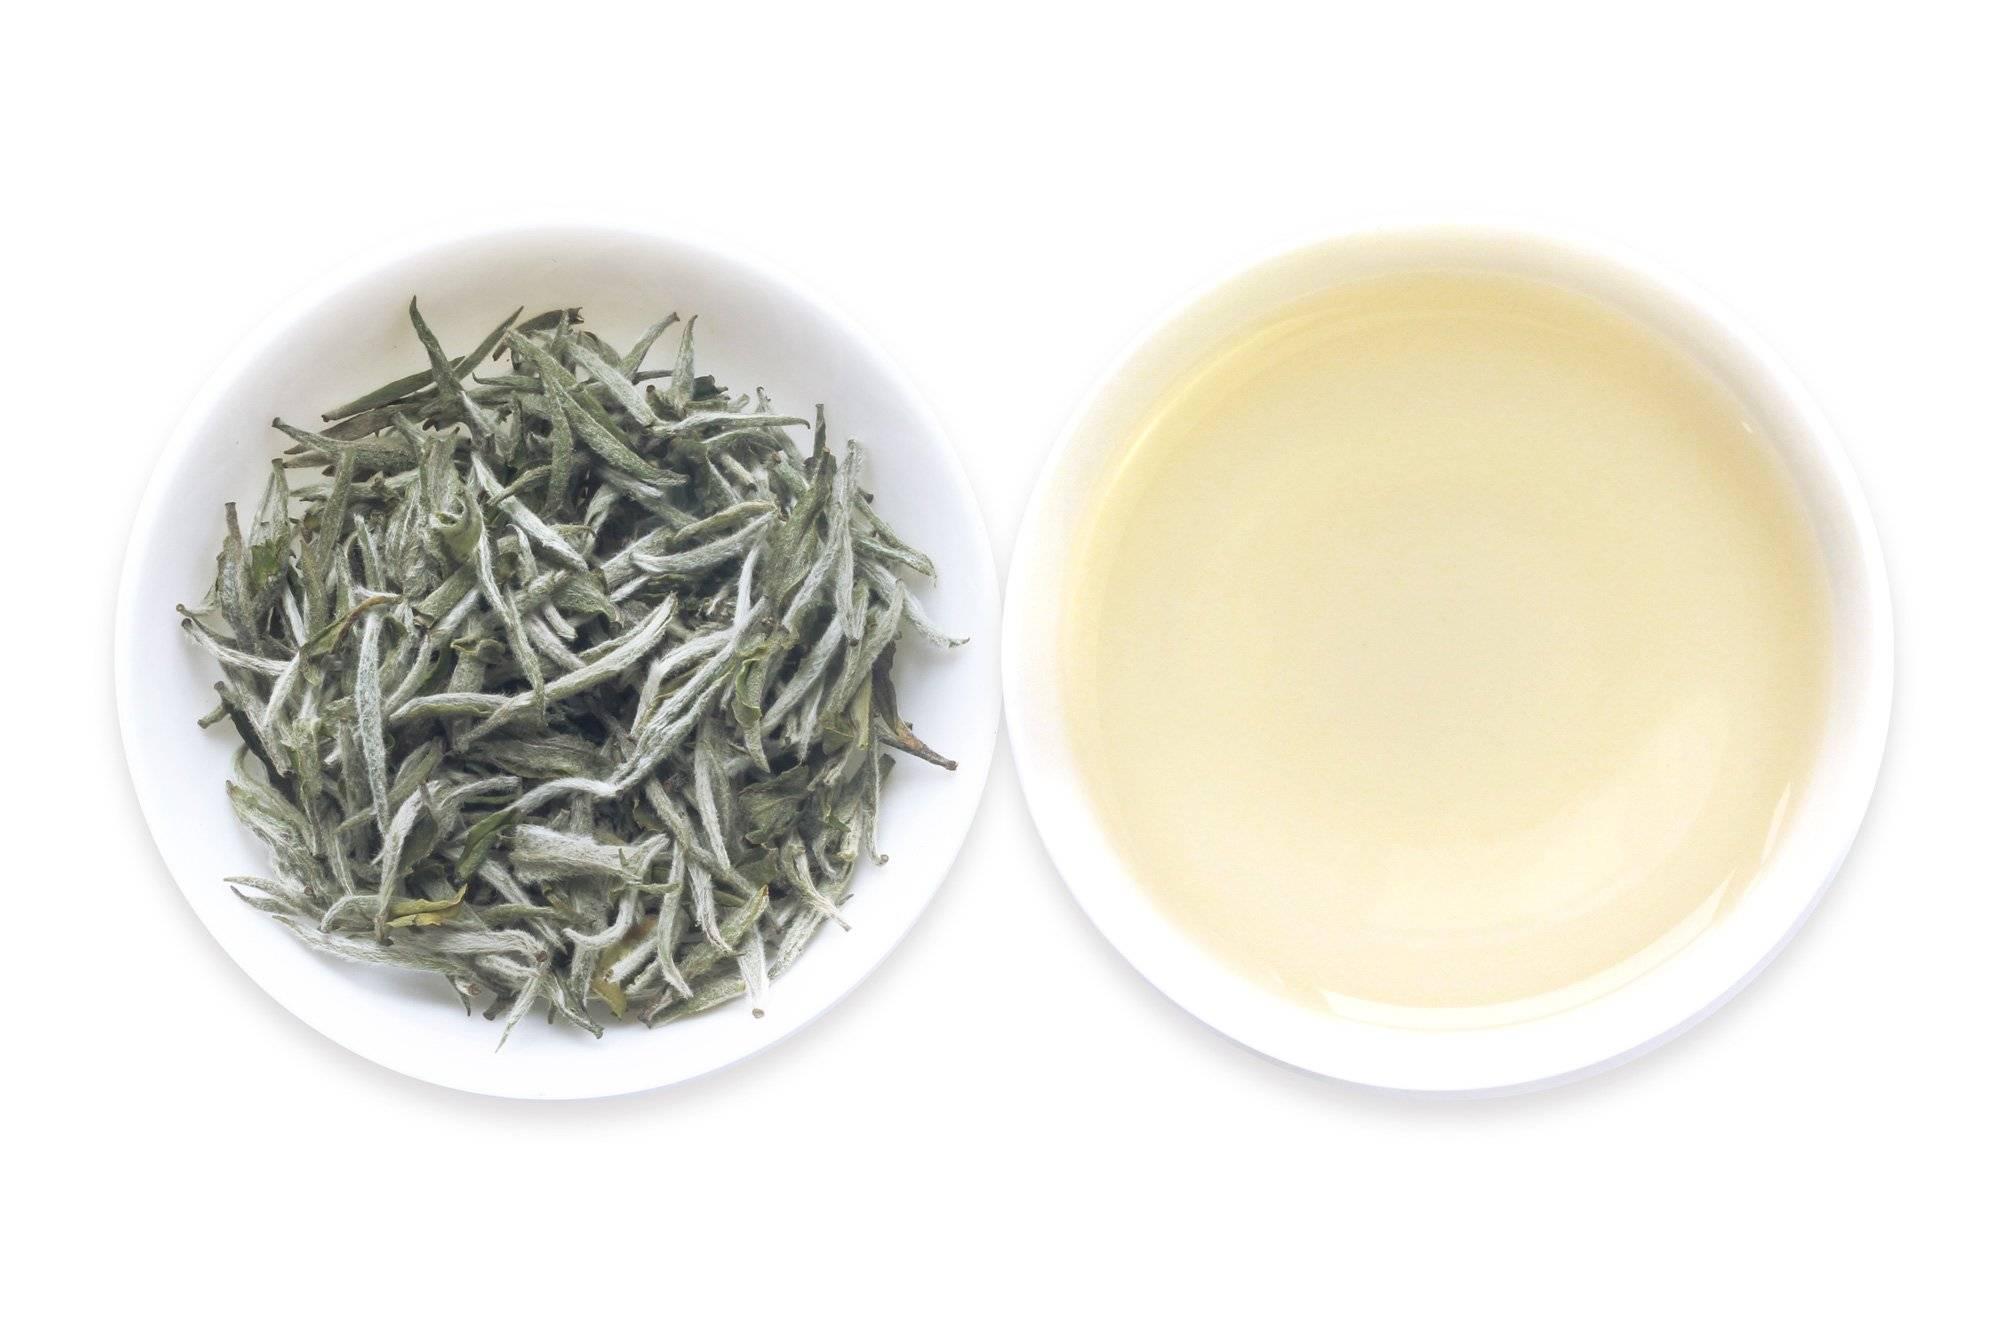 Чай серебряные иглы, или бай хао инь чжень